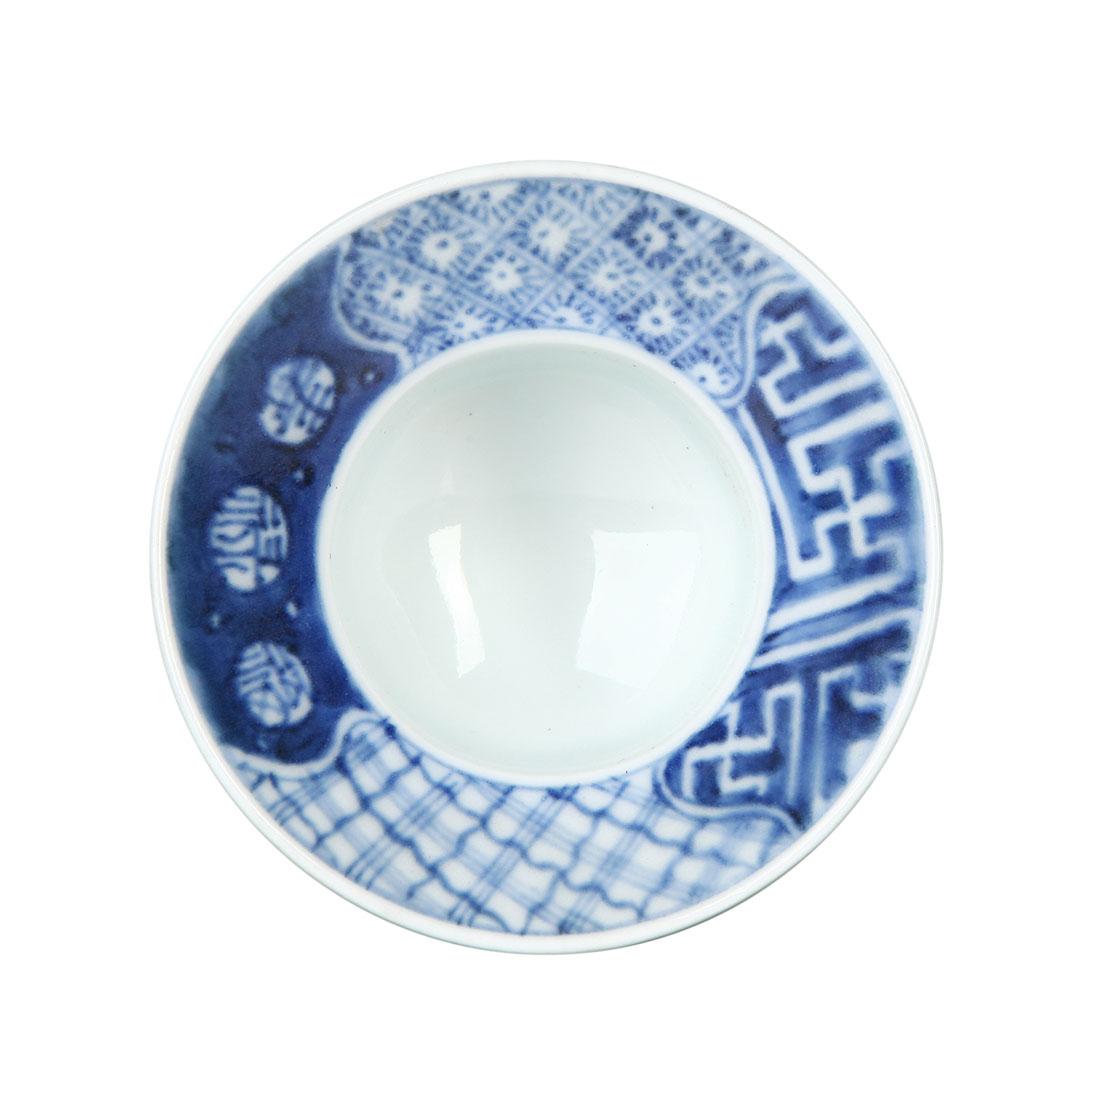 Bộ 3 Chung Men Lam - Nhật - 7.5 x 5.5 cm - 233557